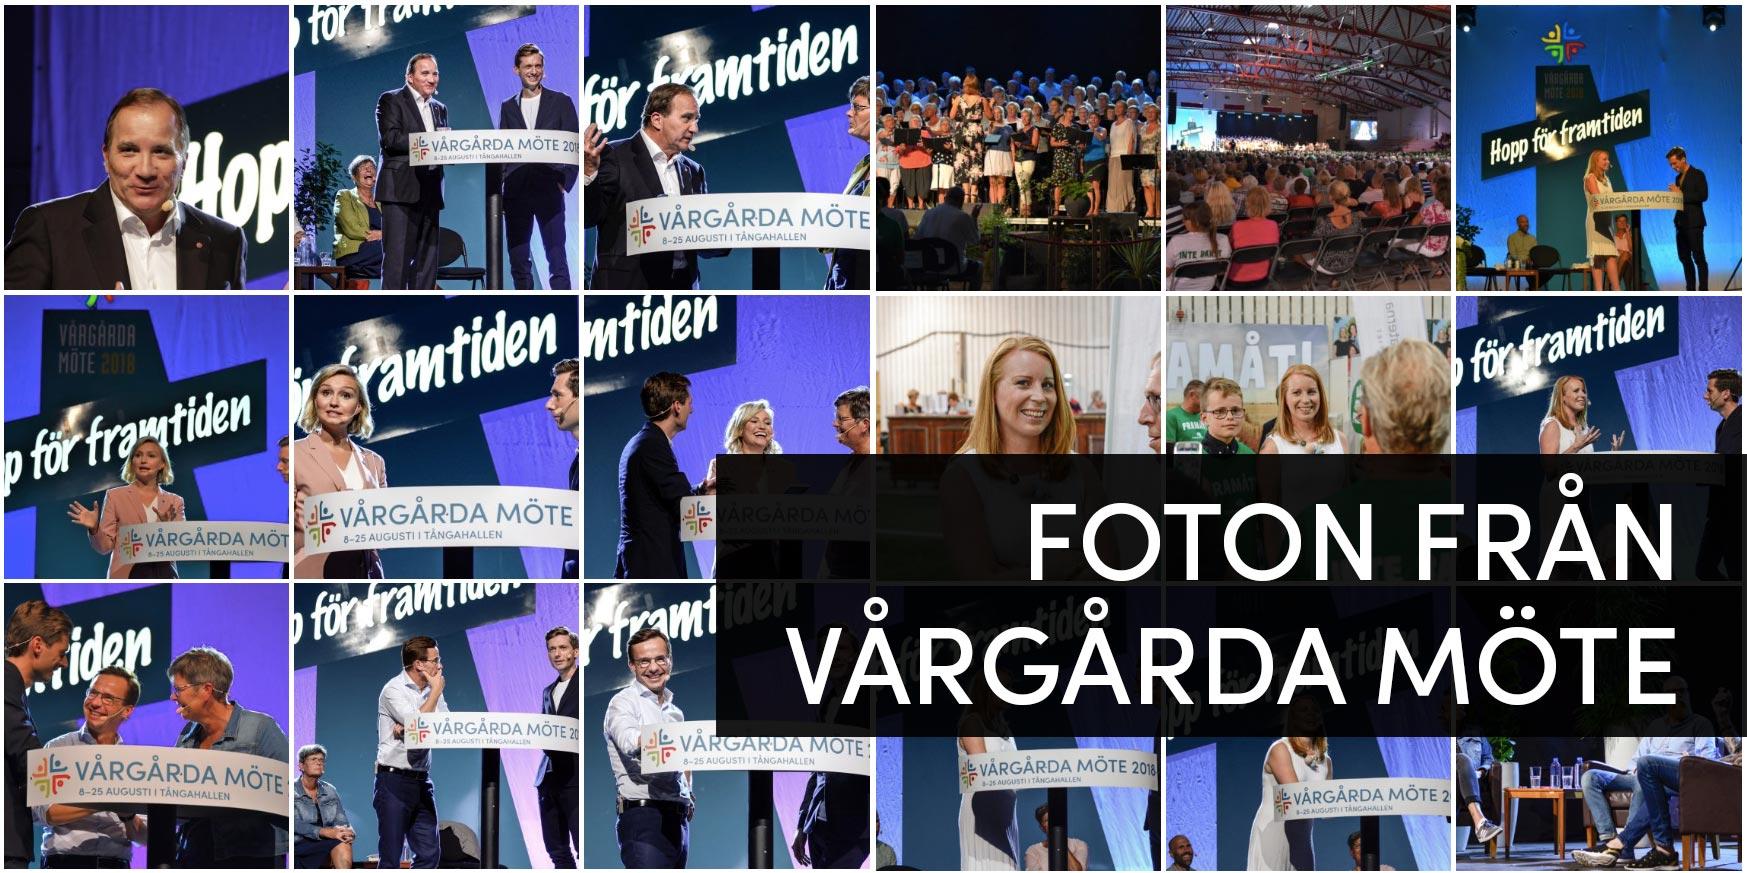 Foton Vårgårda möte